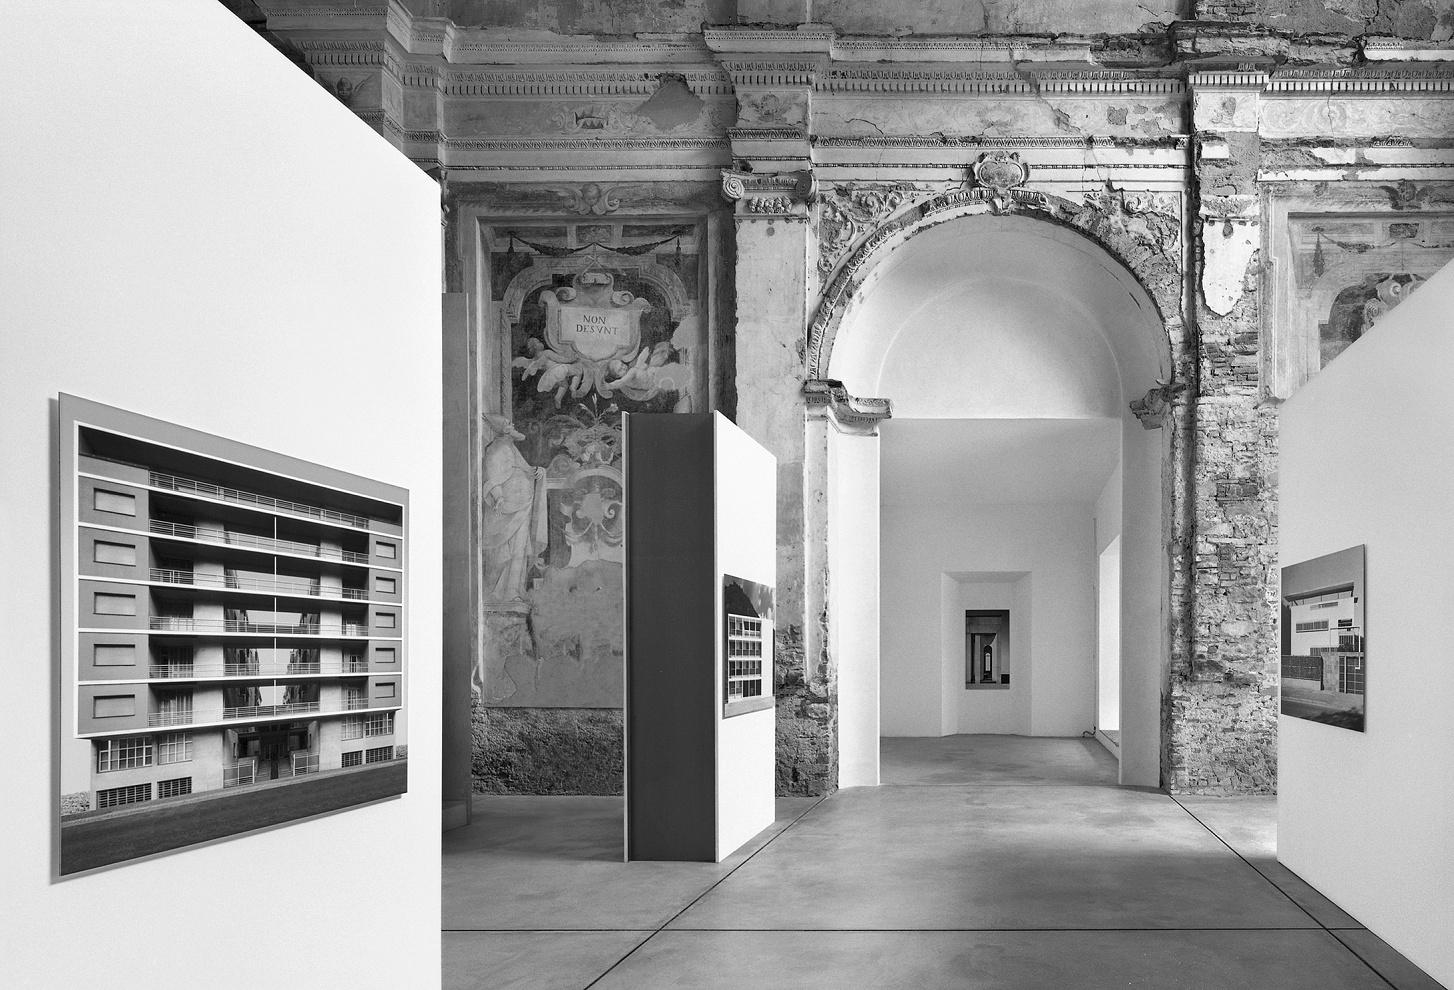 """Allestimento mostra """"Pino Musi Giuseppe Terragni""""  a cura dell'associazione Borgovico 33 Ex chiesa di Santa Caterina, Como 2002"""